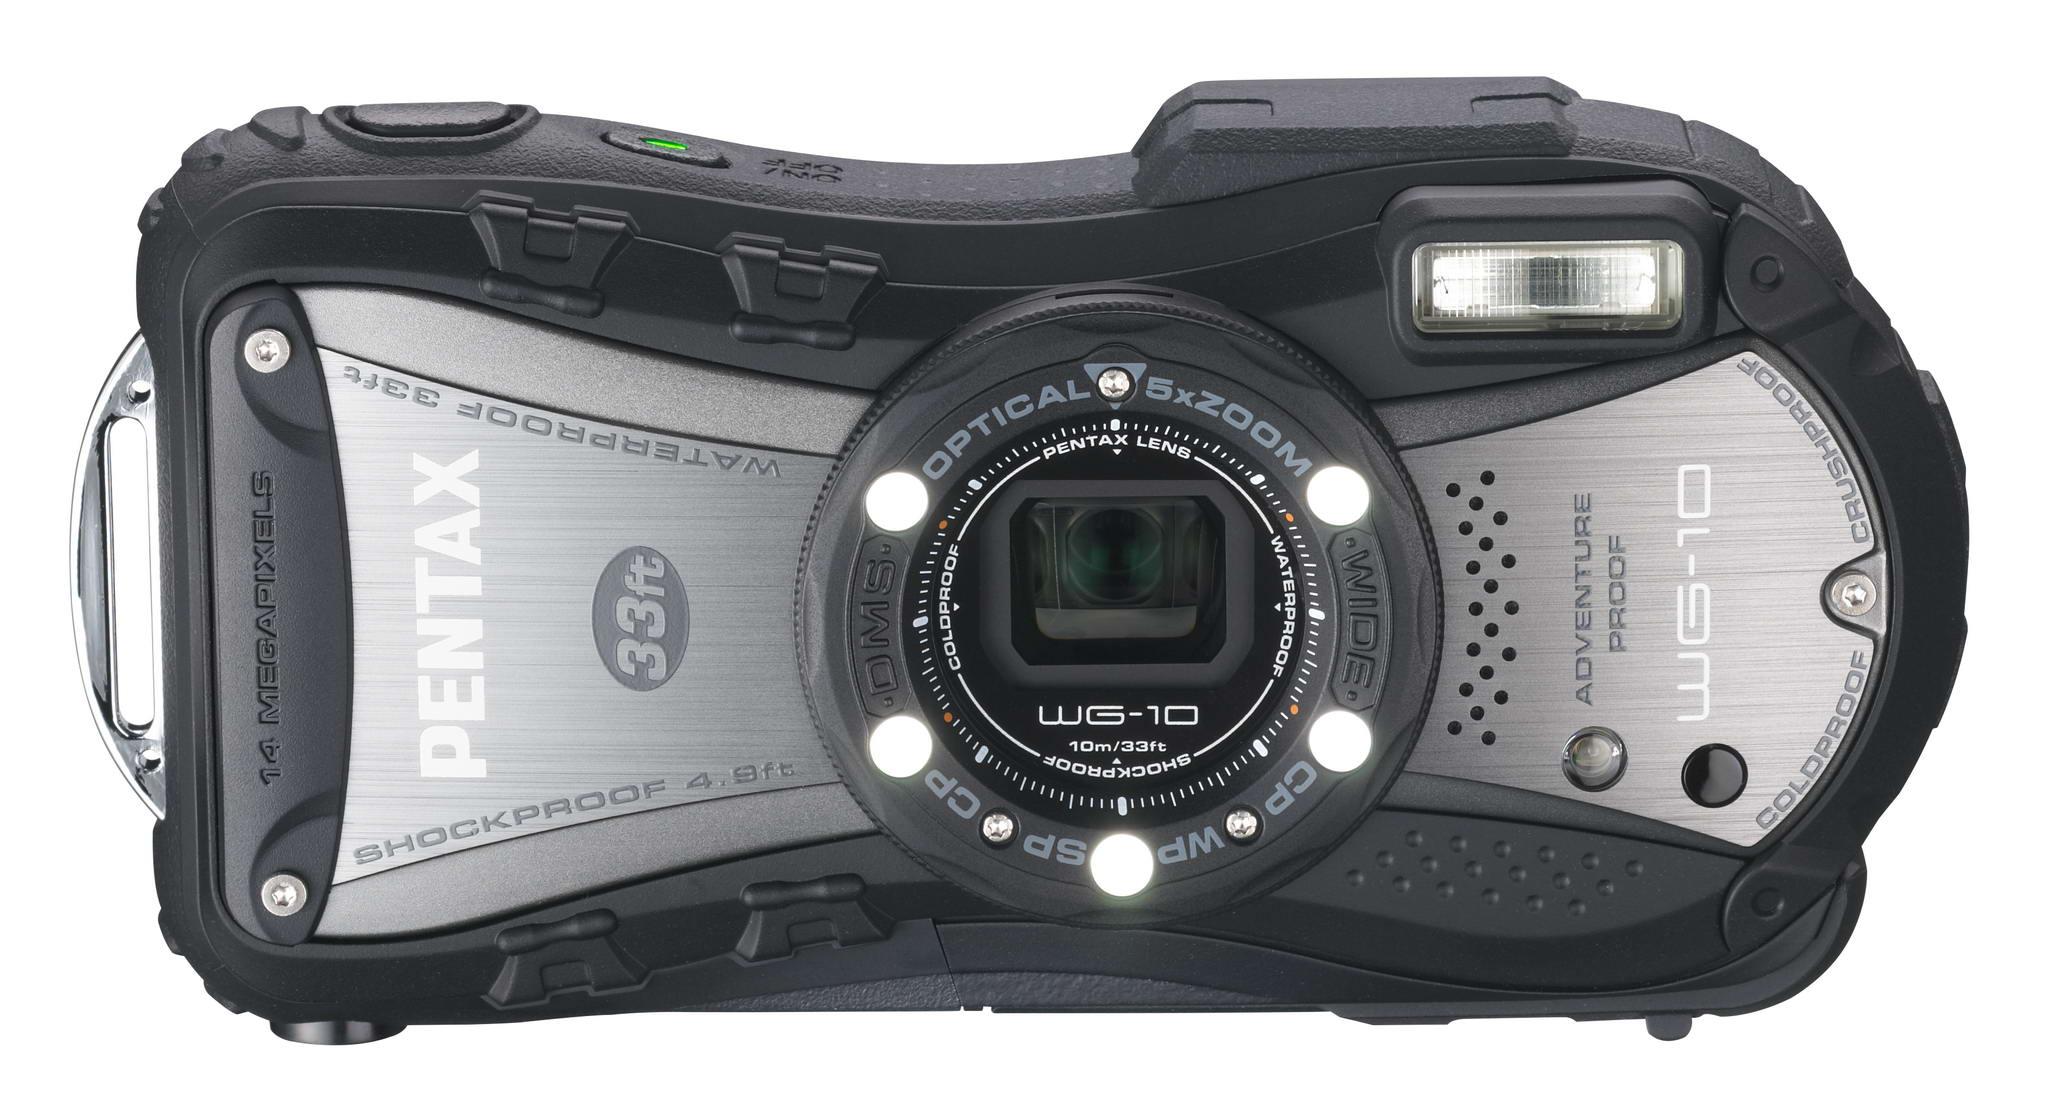 Pentax WG-10 Waterproof Digital Compact Camera